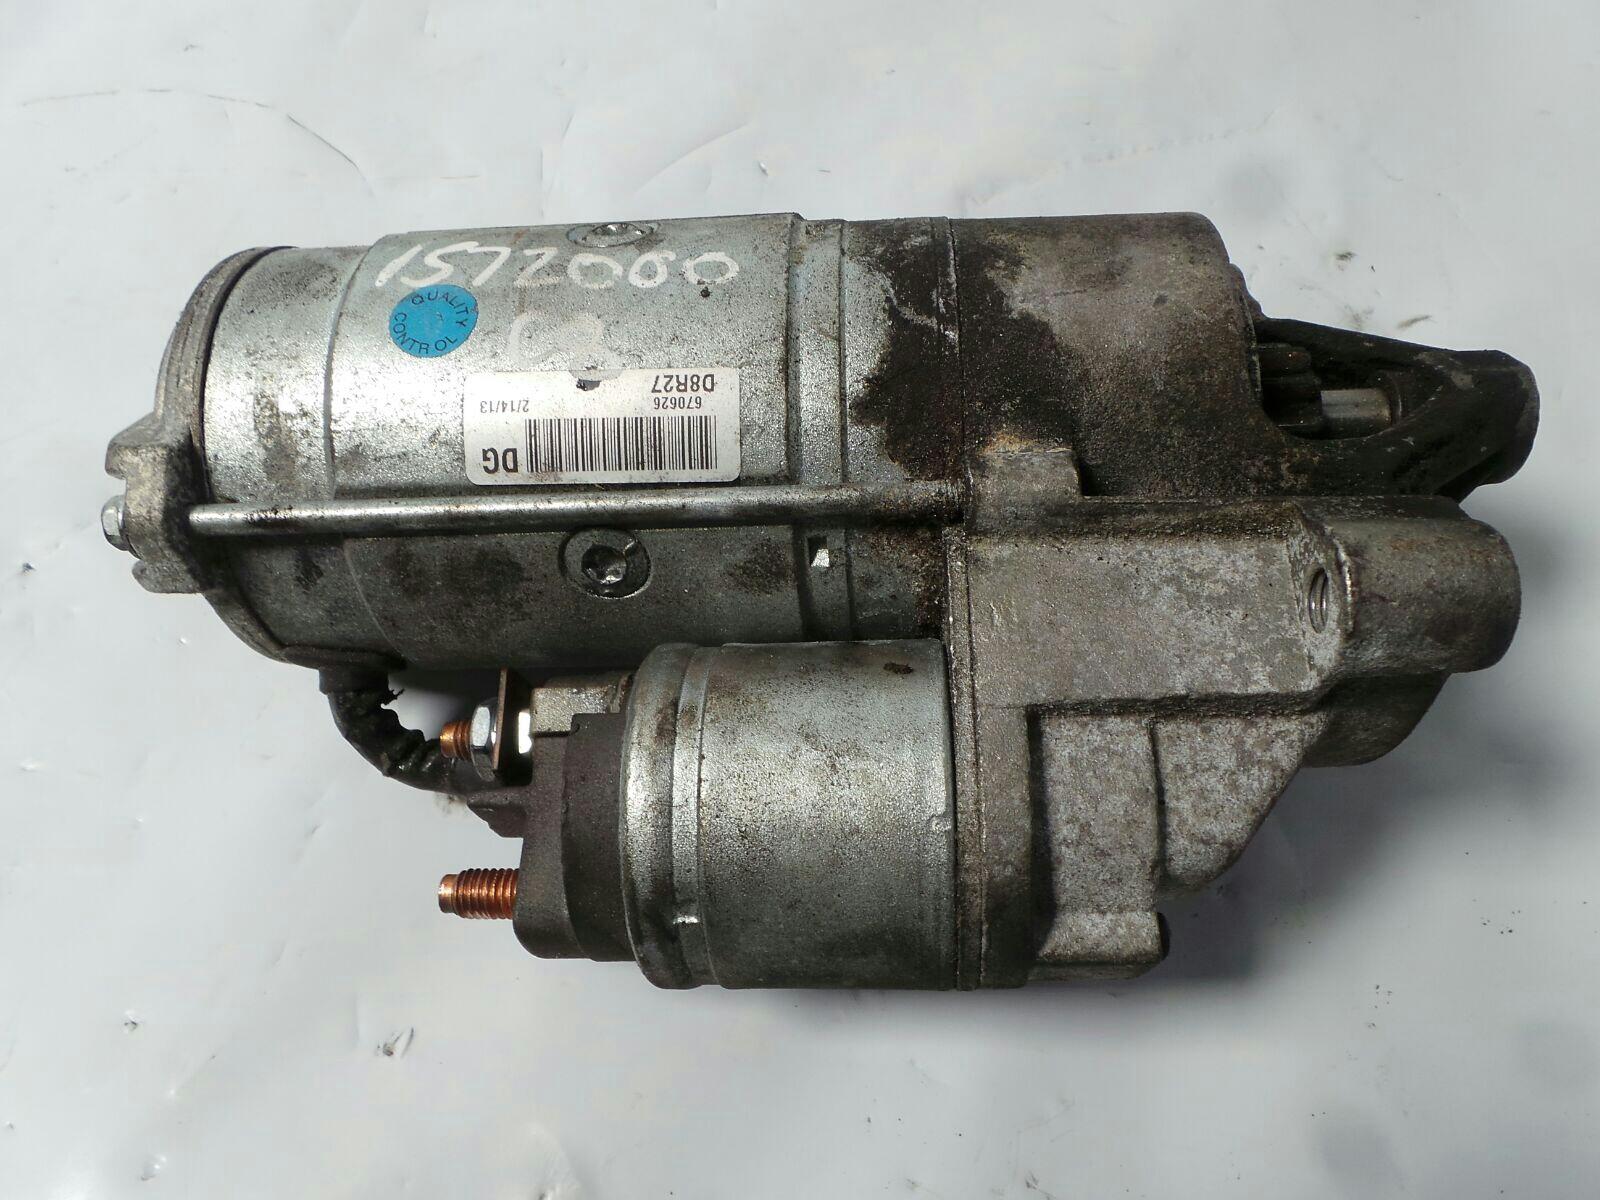 citroen c8 2003 to 2010 starter motor diesel manual for sale rh motorhog co uk Rhk Motorcycle Rhk Motorcycle